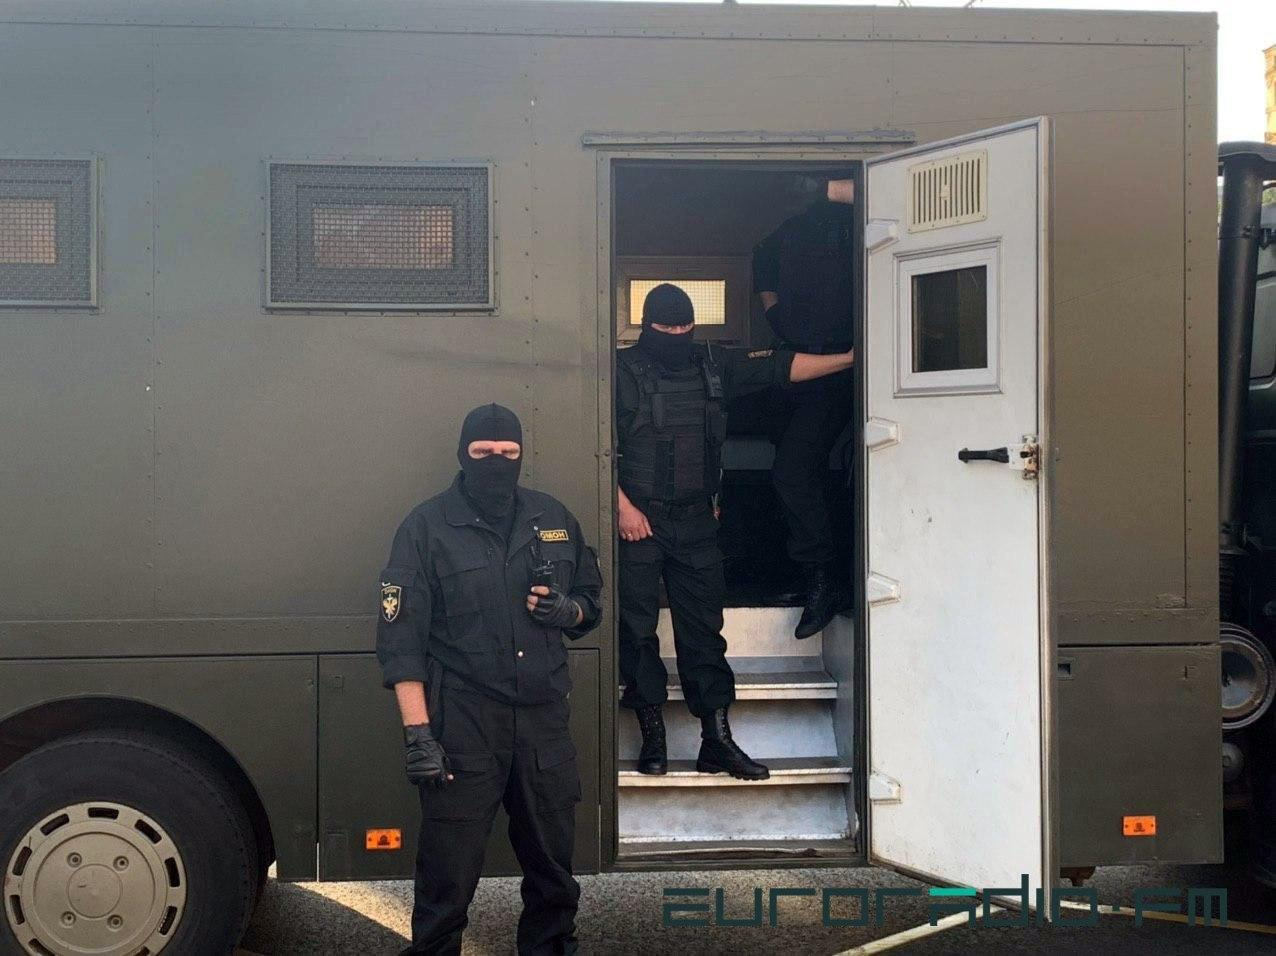 У Білорусі розгорілися нові акції протесту: інтернет відімкнули, журналістів затримував ОМОН. Фото й відео